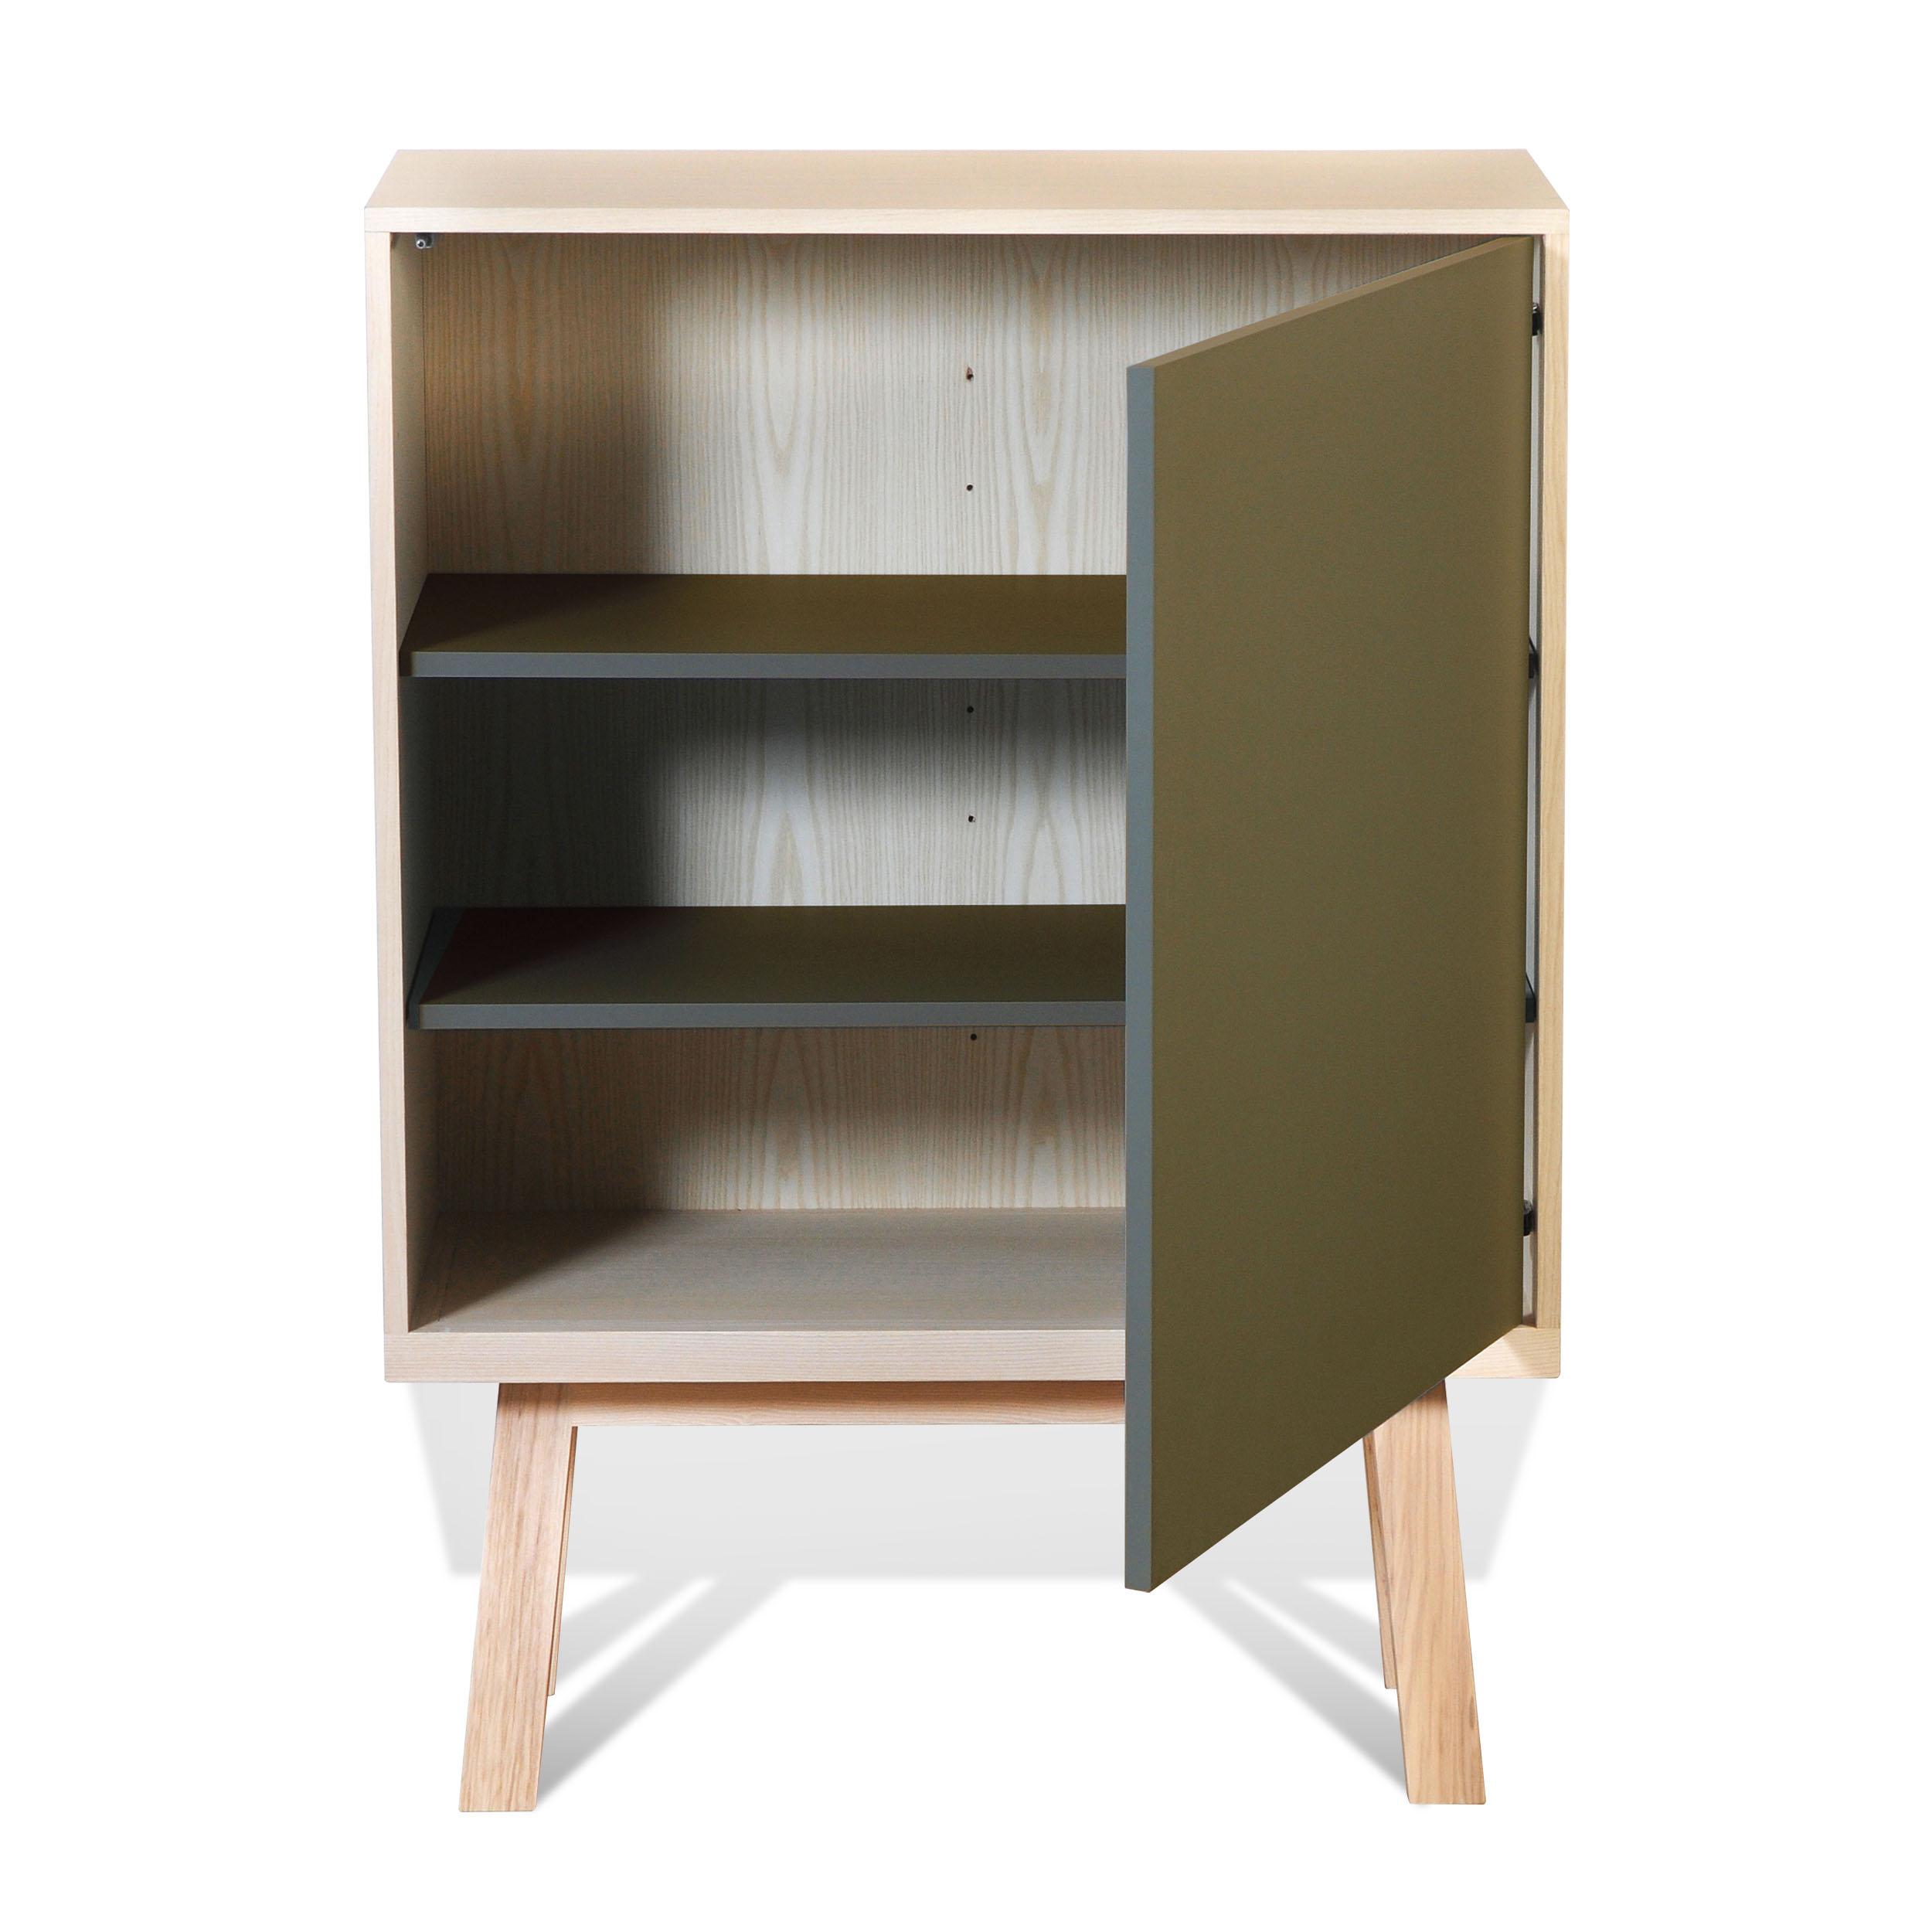 Armoire 1 porte en bois vert lancieux (photo)